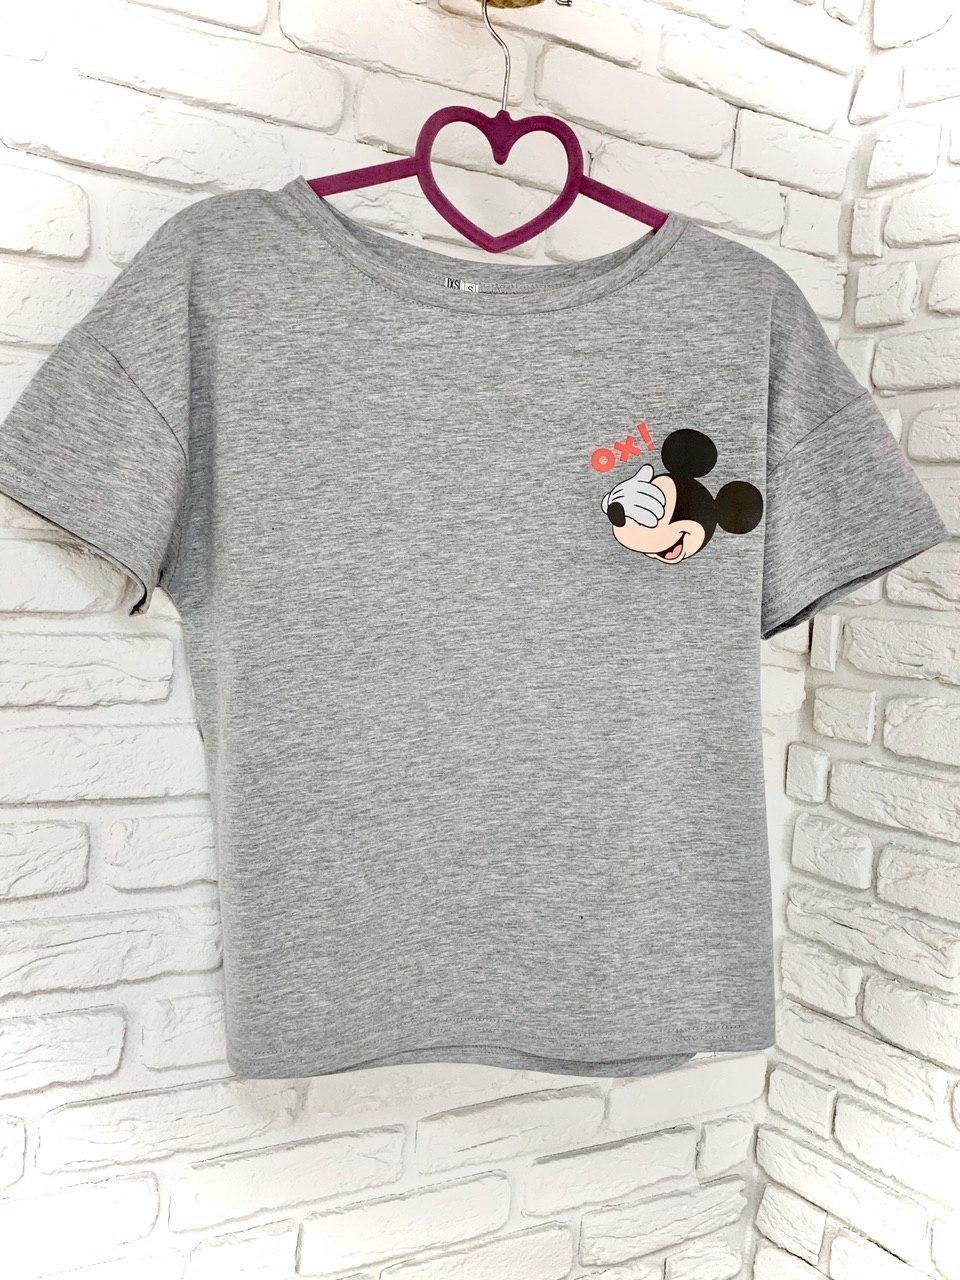 Женская Футболка хлопок с принтом Mickey Mouse микки маус Ox серая